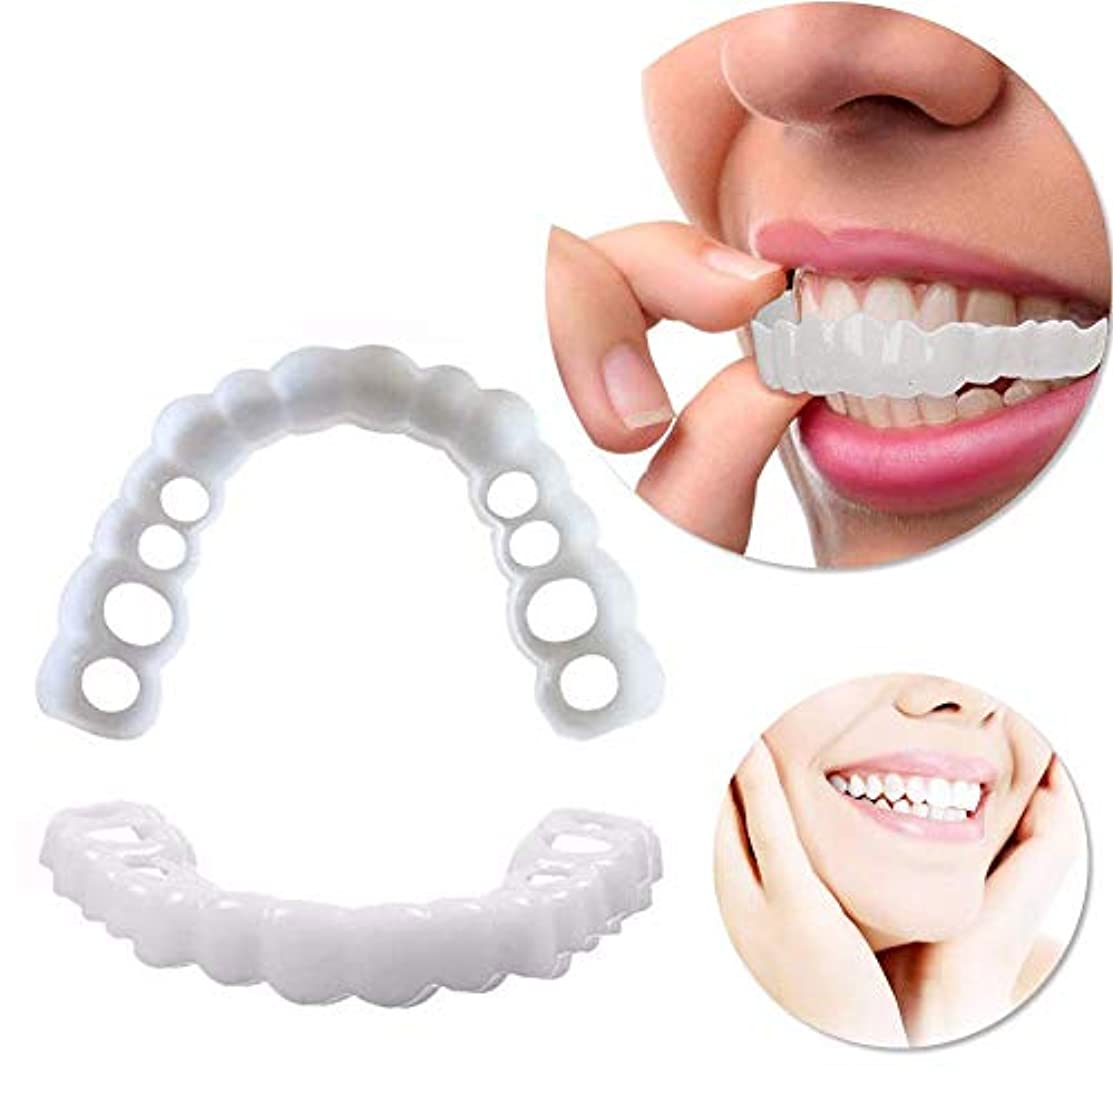 ブラザー仕える倍率義歯安全インスタントスマイル化粧品ノベルティ歯 - ワンサイズが一番フィット,7Pairs